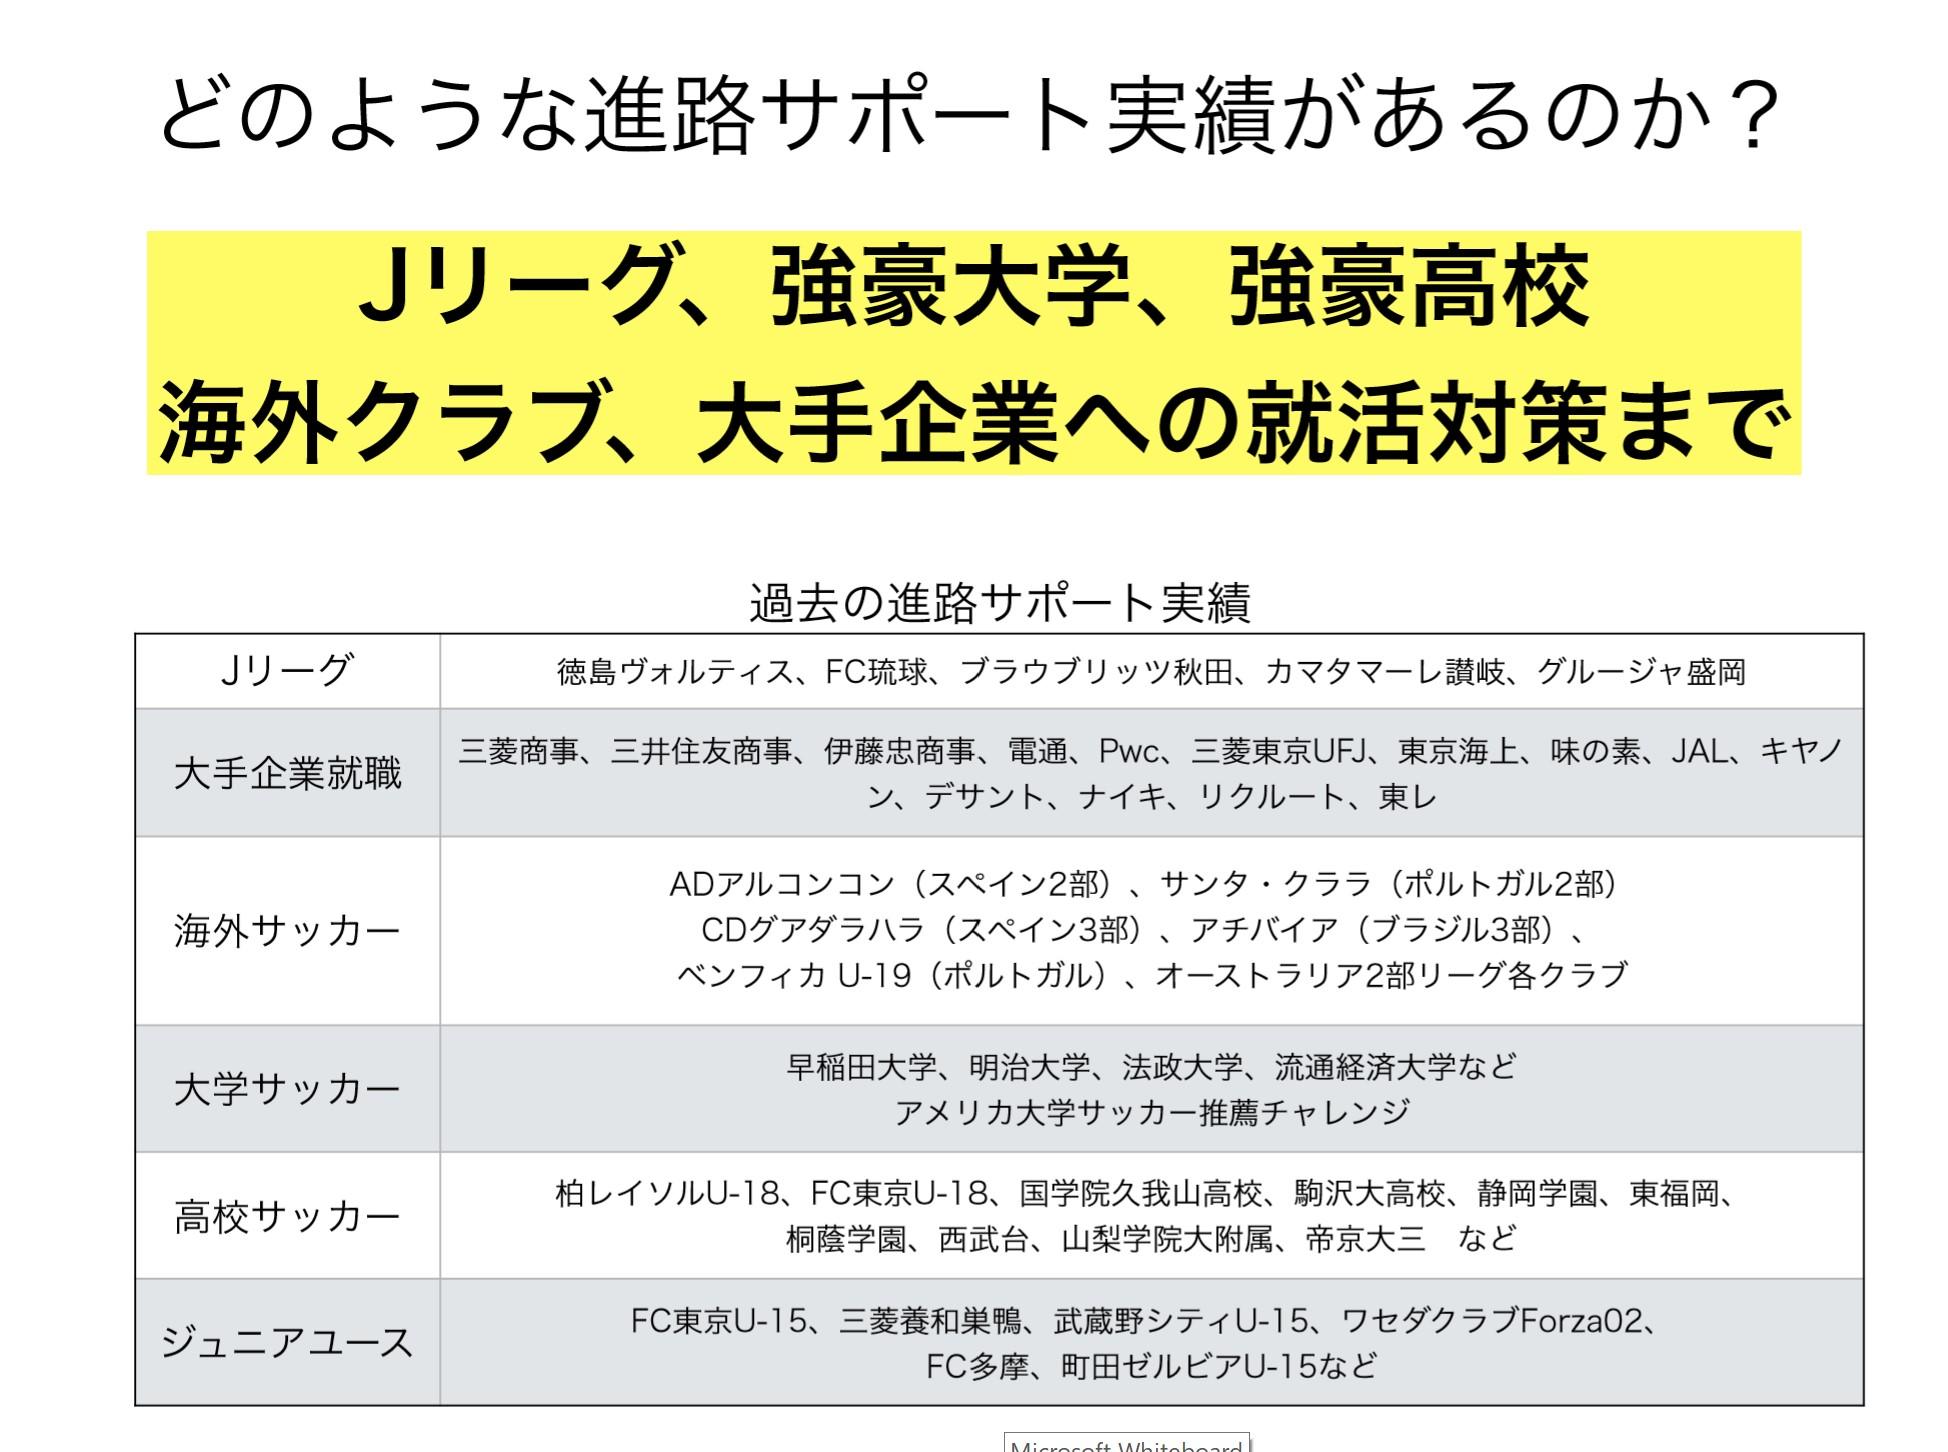 早稲田ユナイテッドアカデミー説明資料11